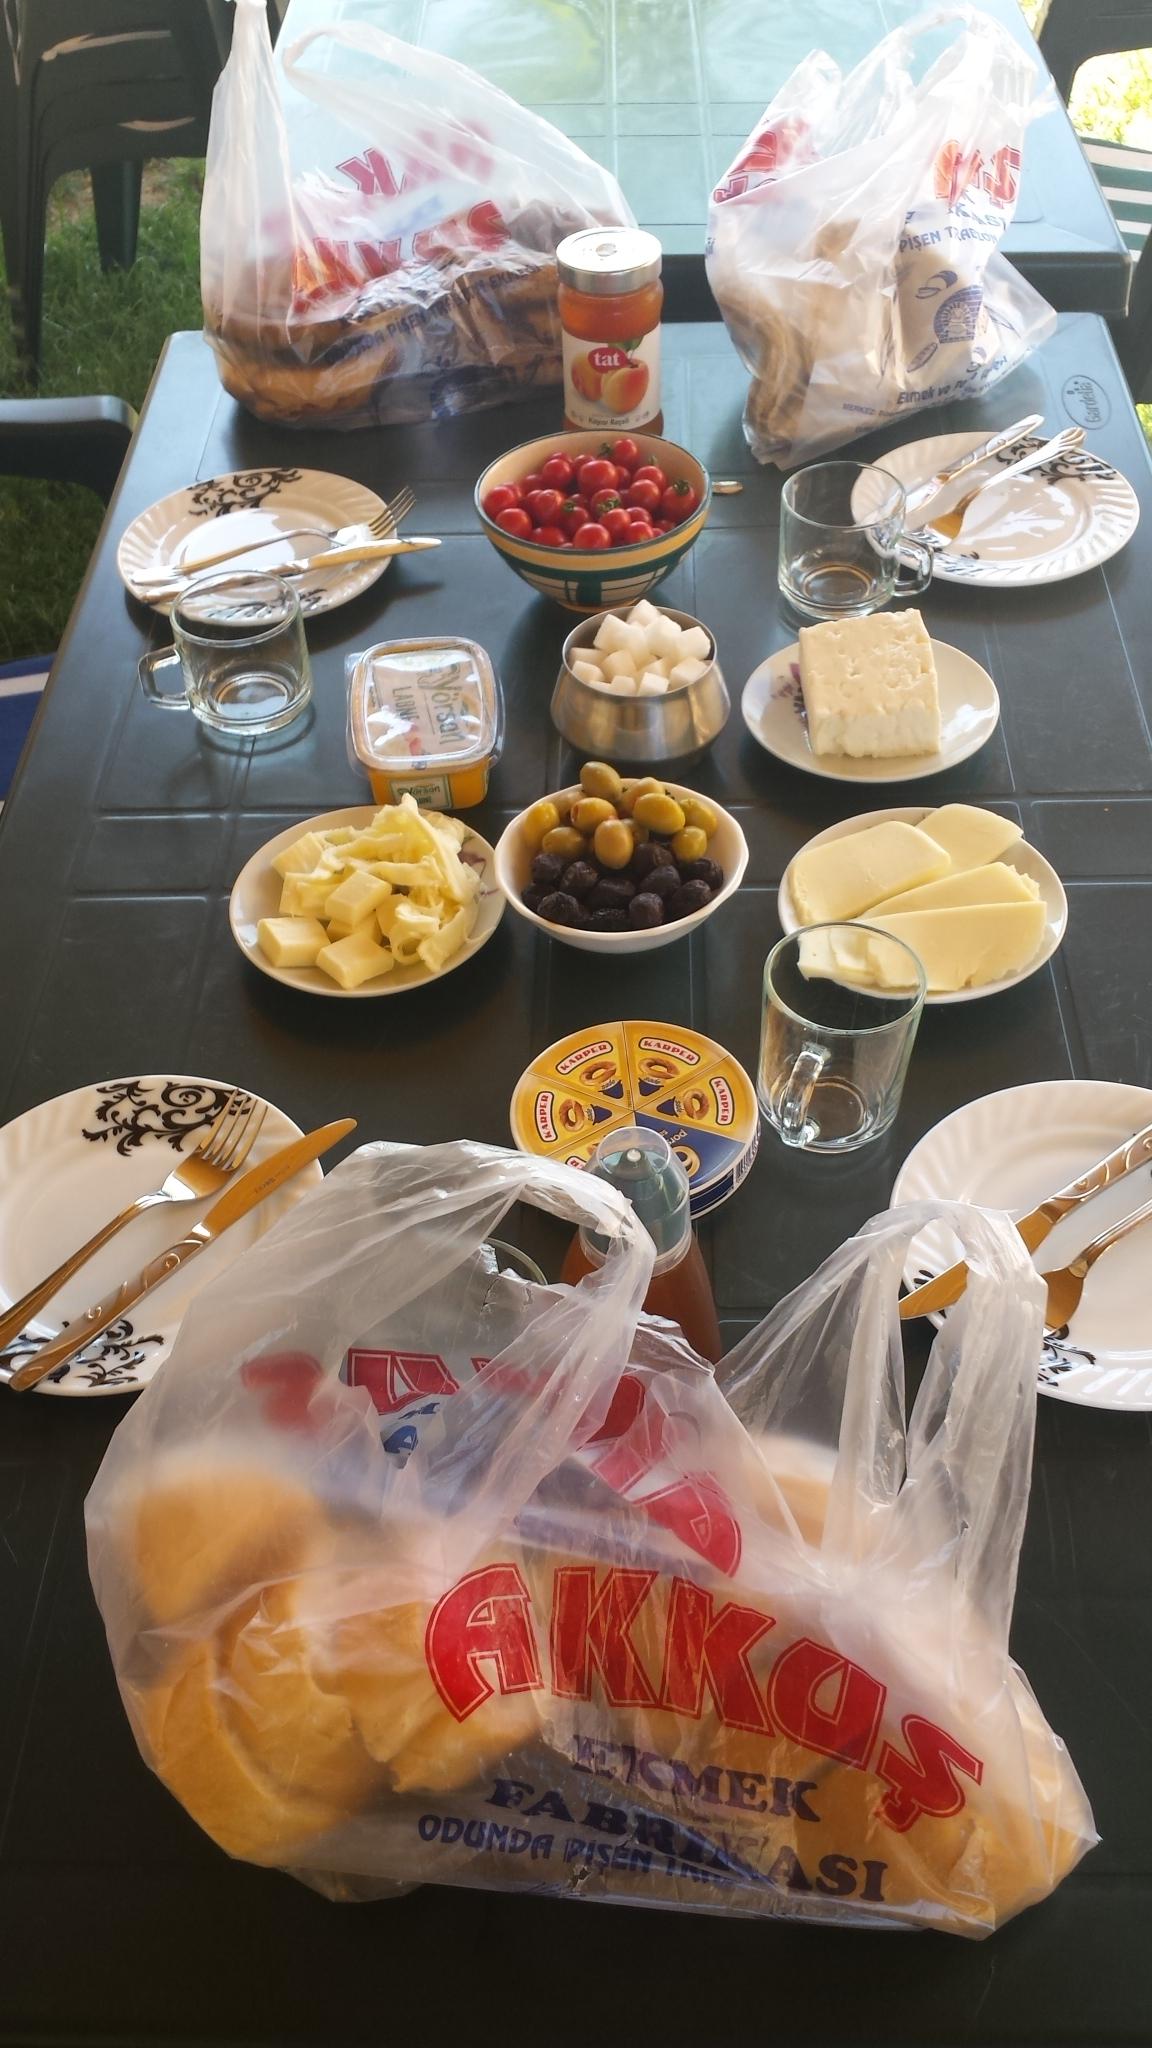 Die türkische Küche - eine Liebeserklärung - Nics Reisewelt